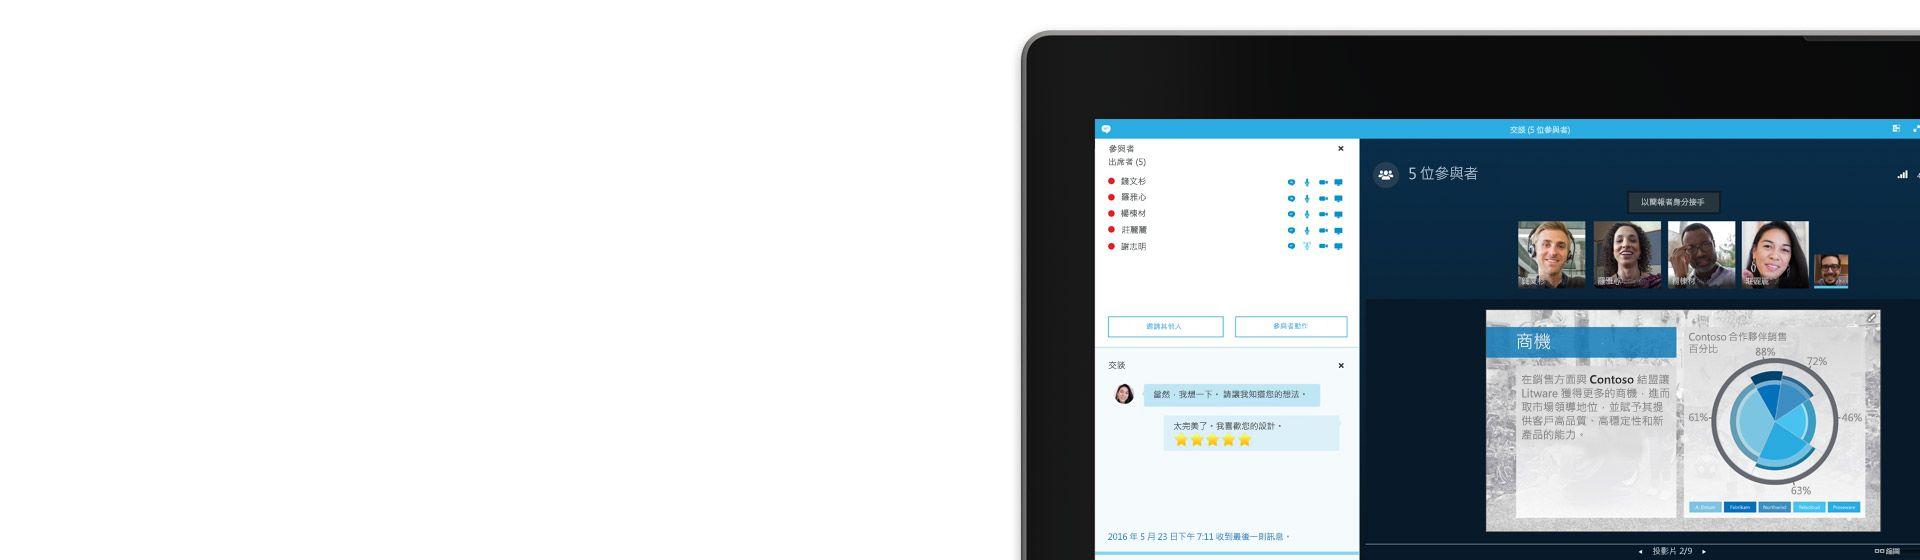 顯示商務用 Skype 中的線上會議和參與者清單的電腦螢幕一角